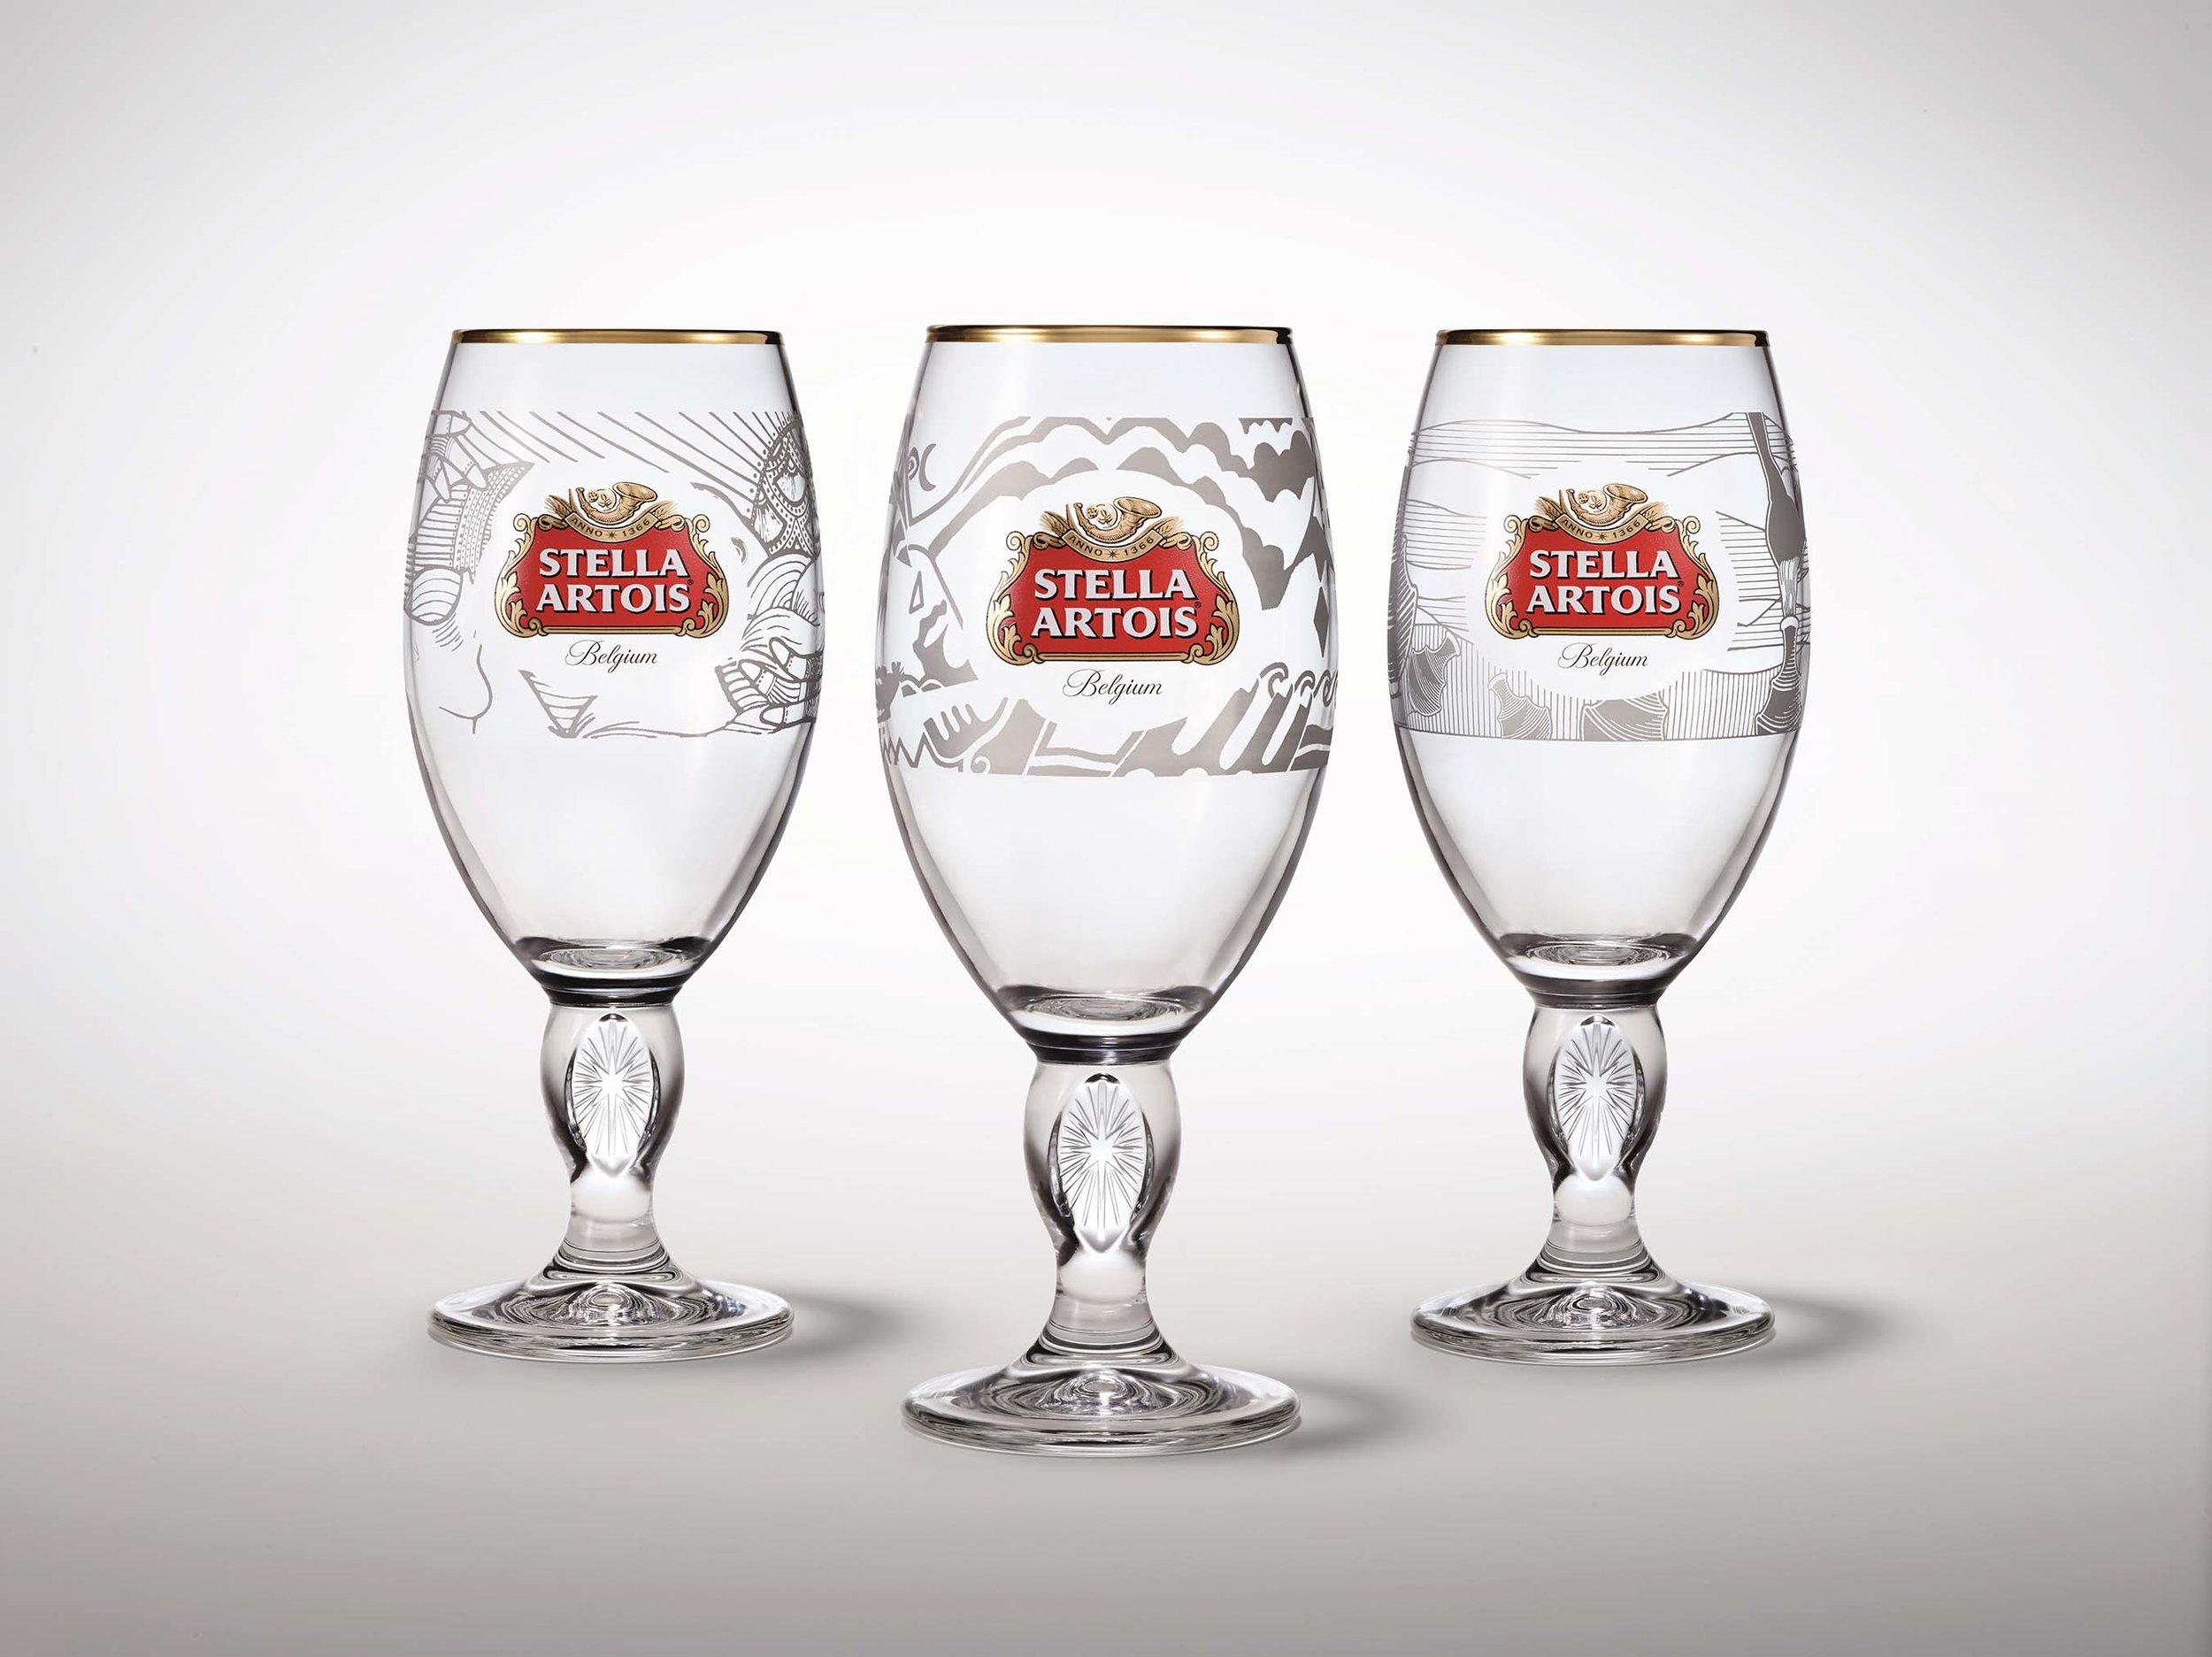 limited-edition-stella-artois-chalices-3-HR.jpg